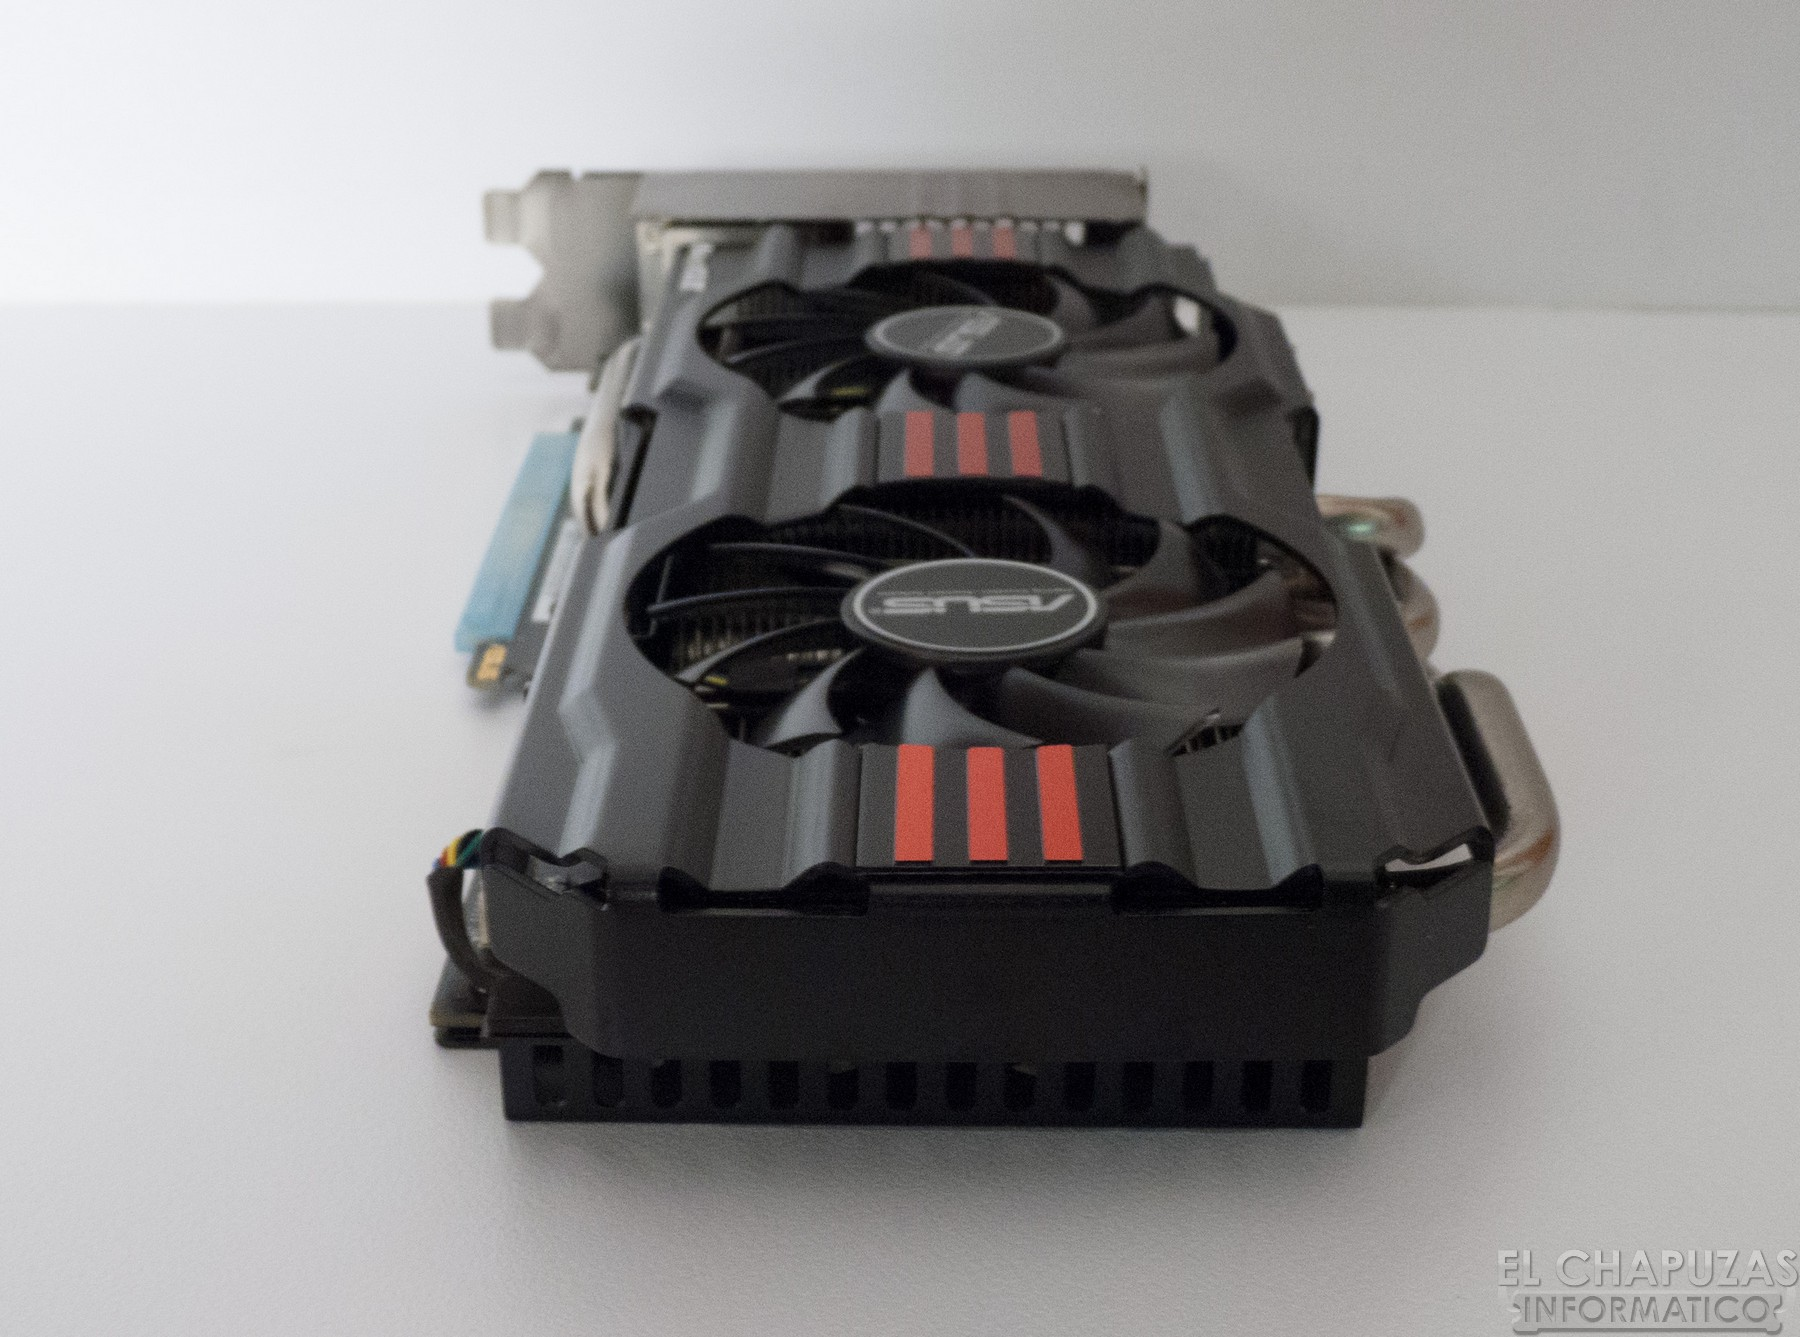 Asus GeForce GTX 680 DirectCU II 4GB 12+